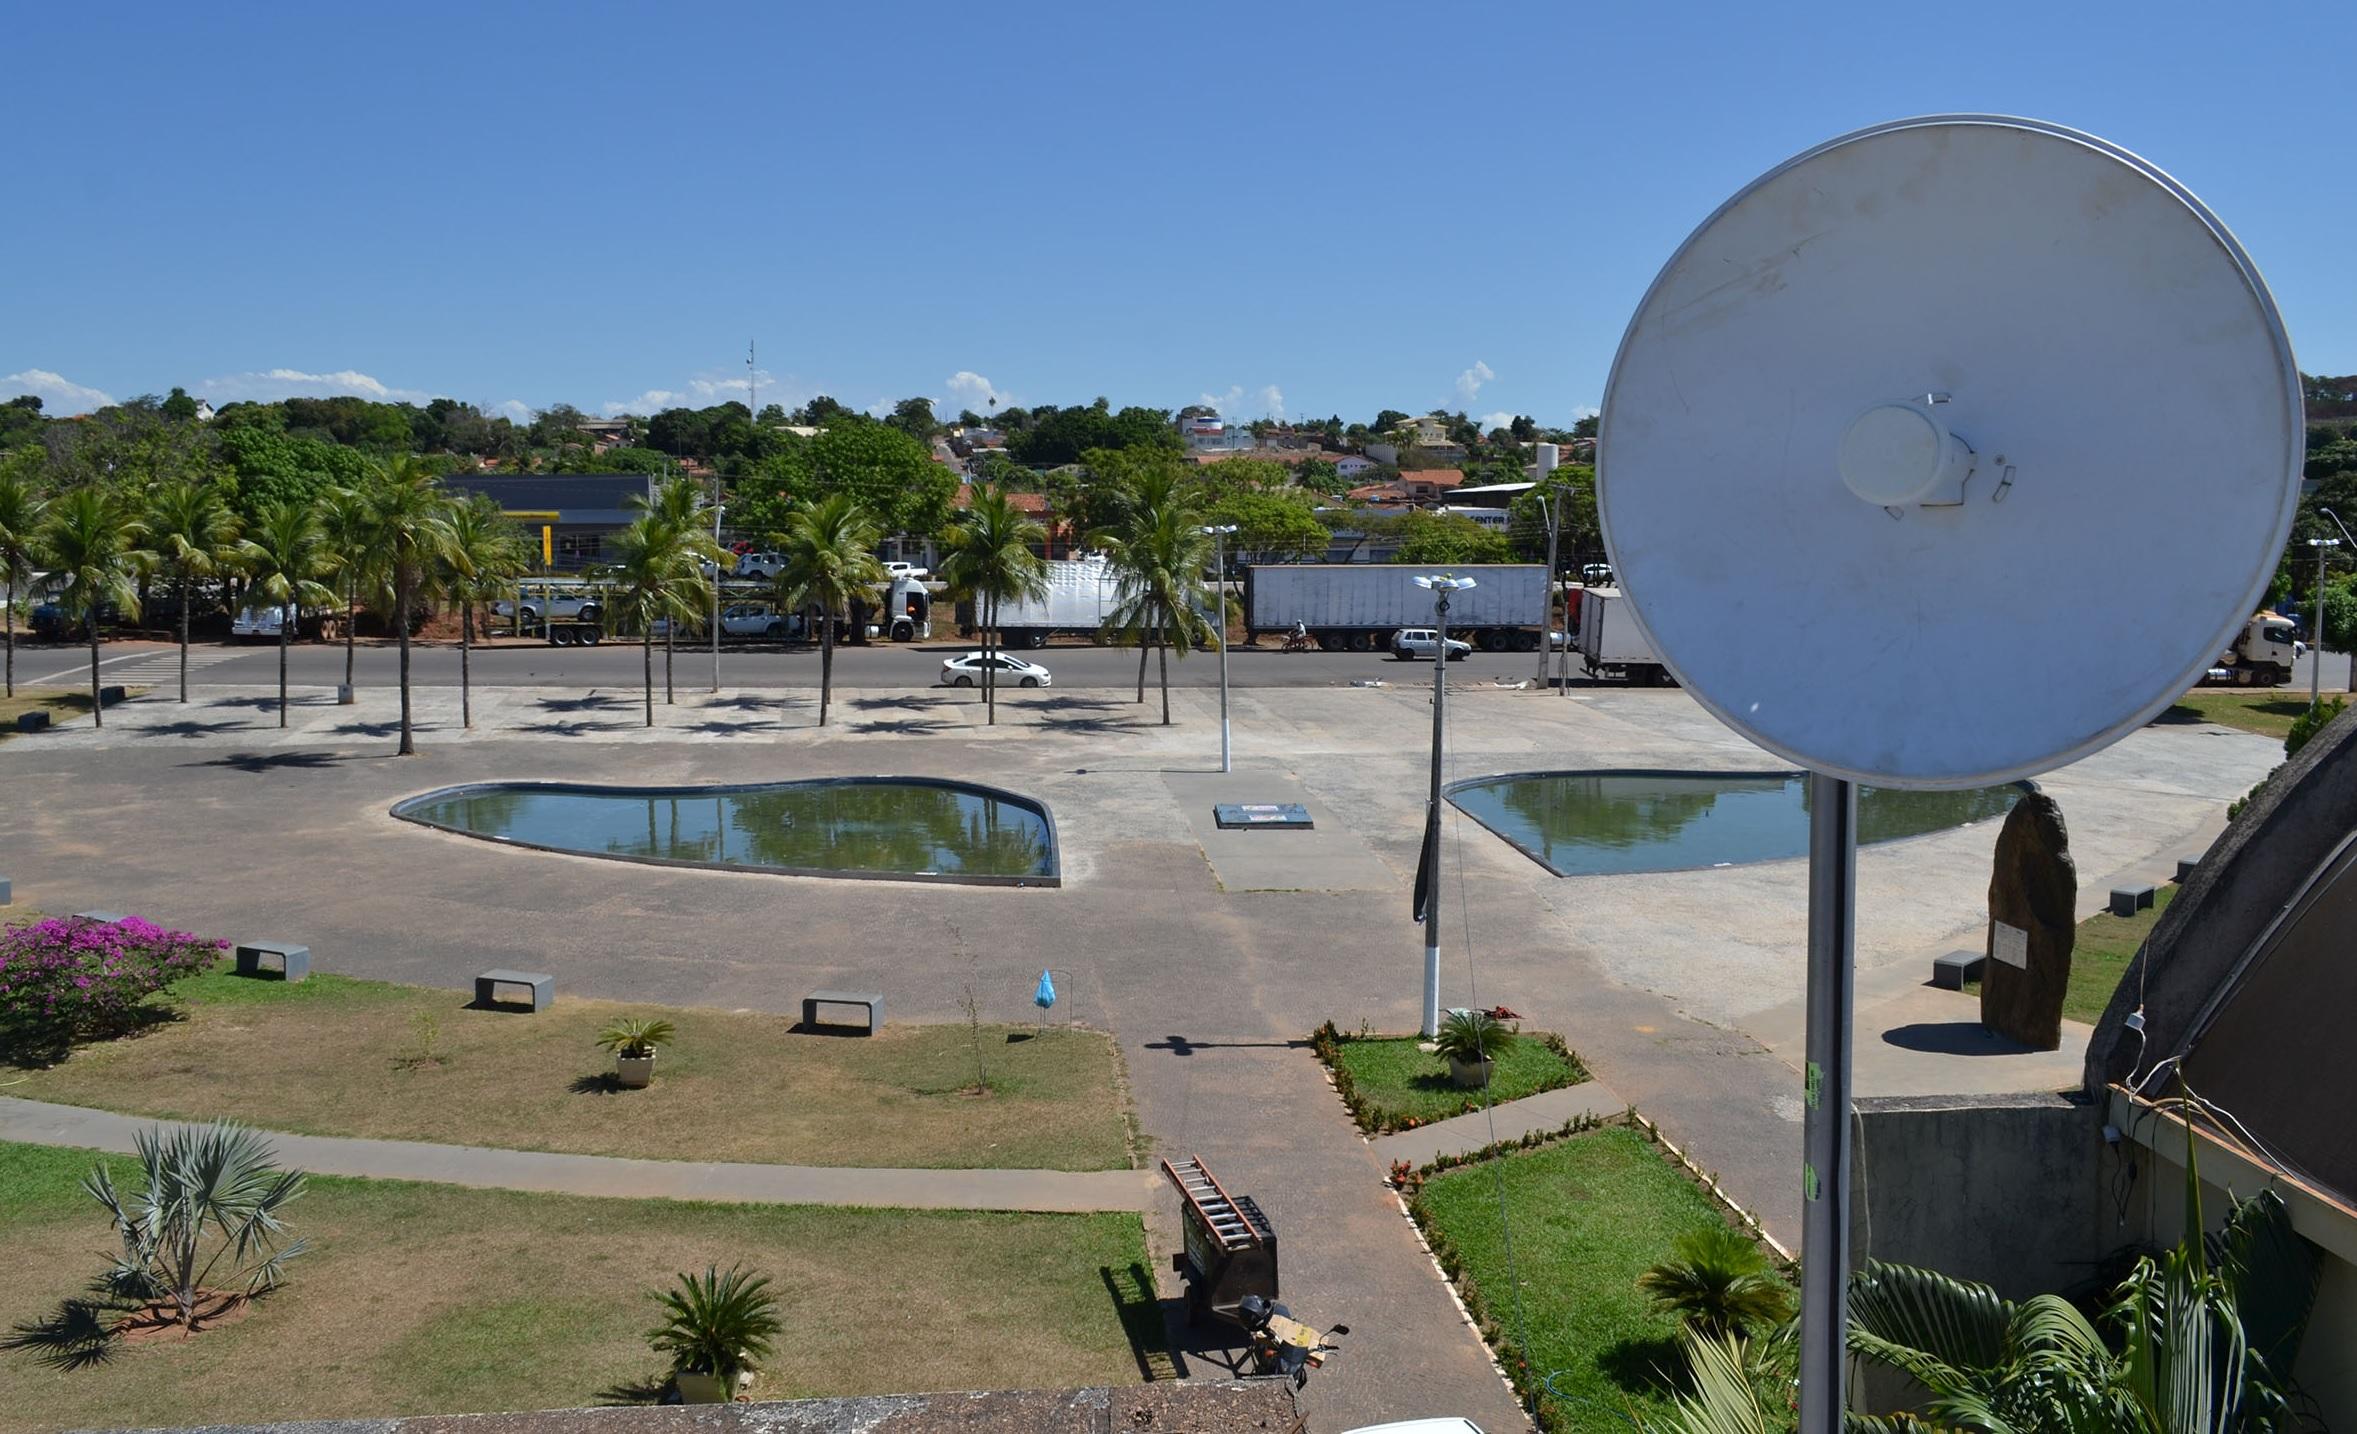 Inaugurada em abril, praça da Prefeitura de Guaraí agora também oferecerá Wi-Fi para visitantes